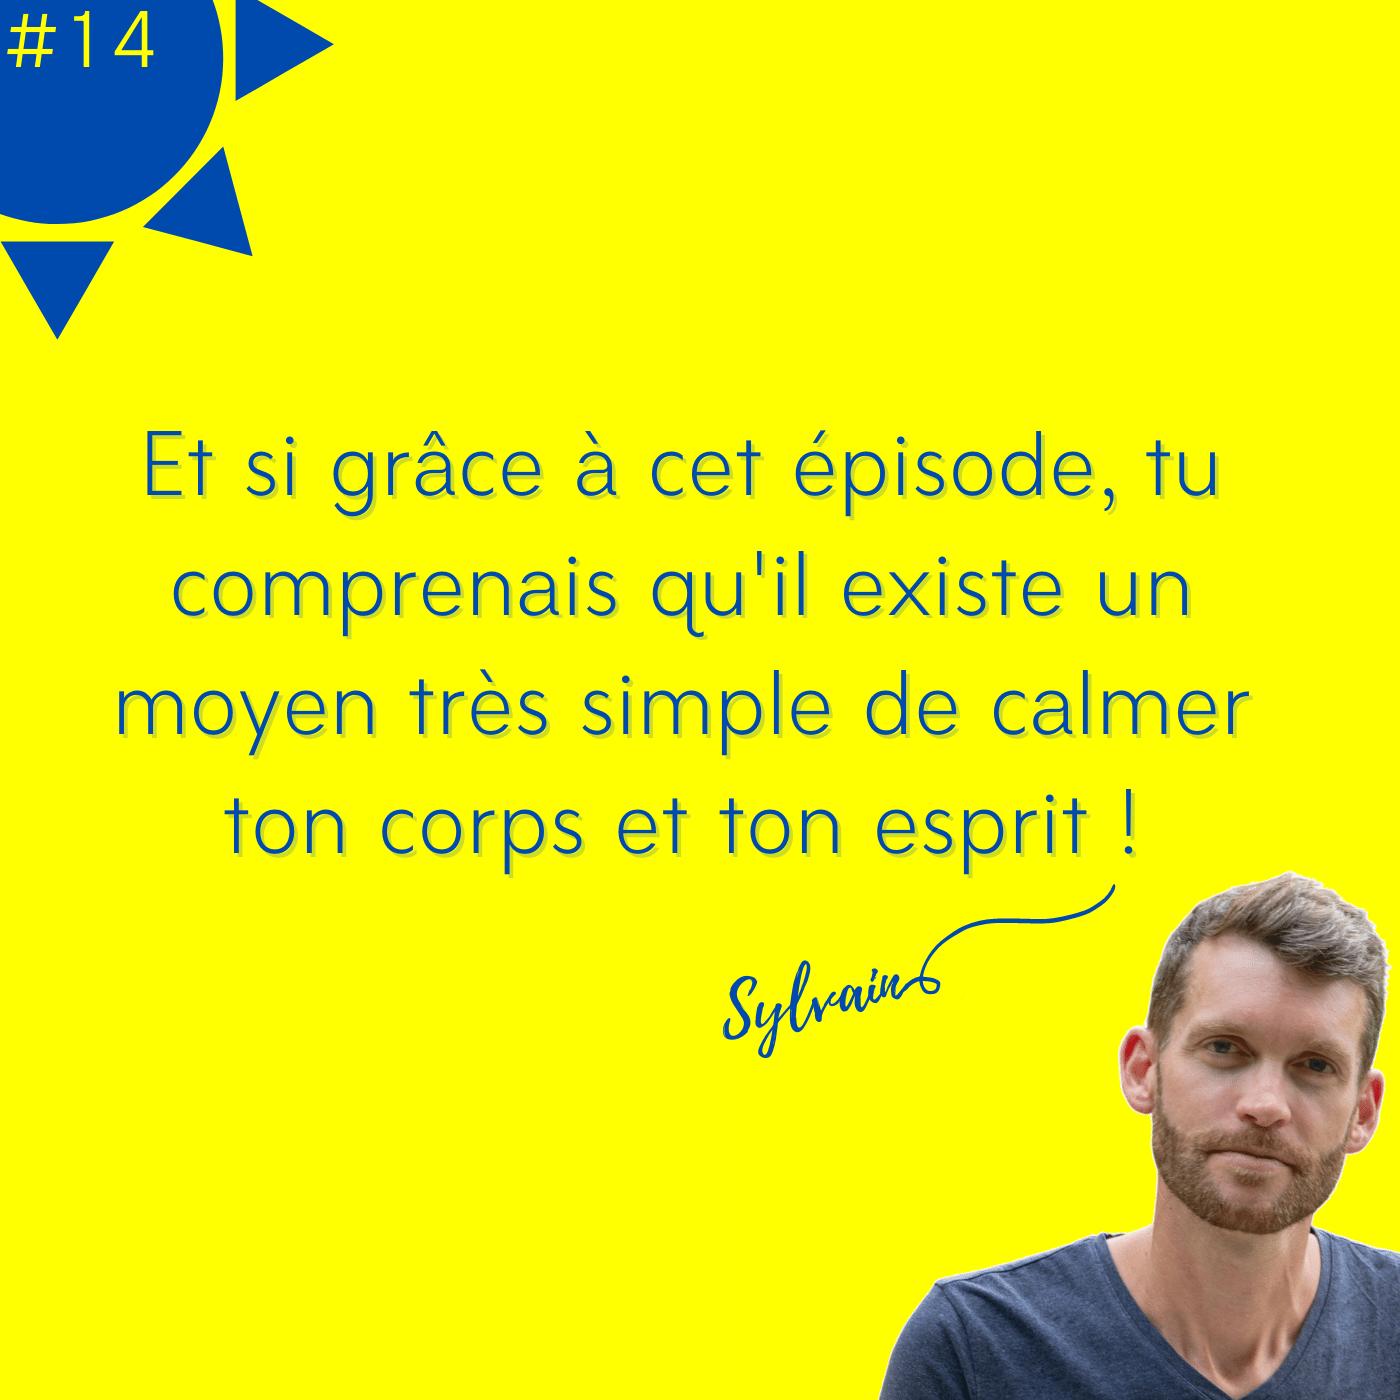 episode S1E96